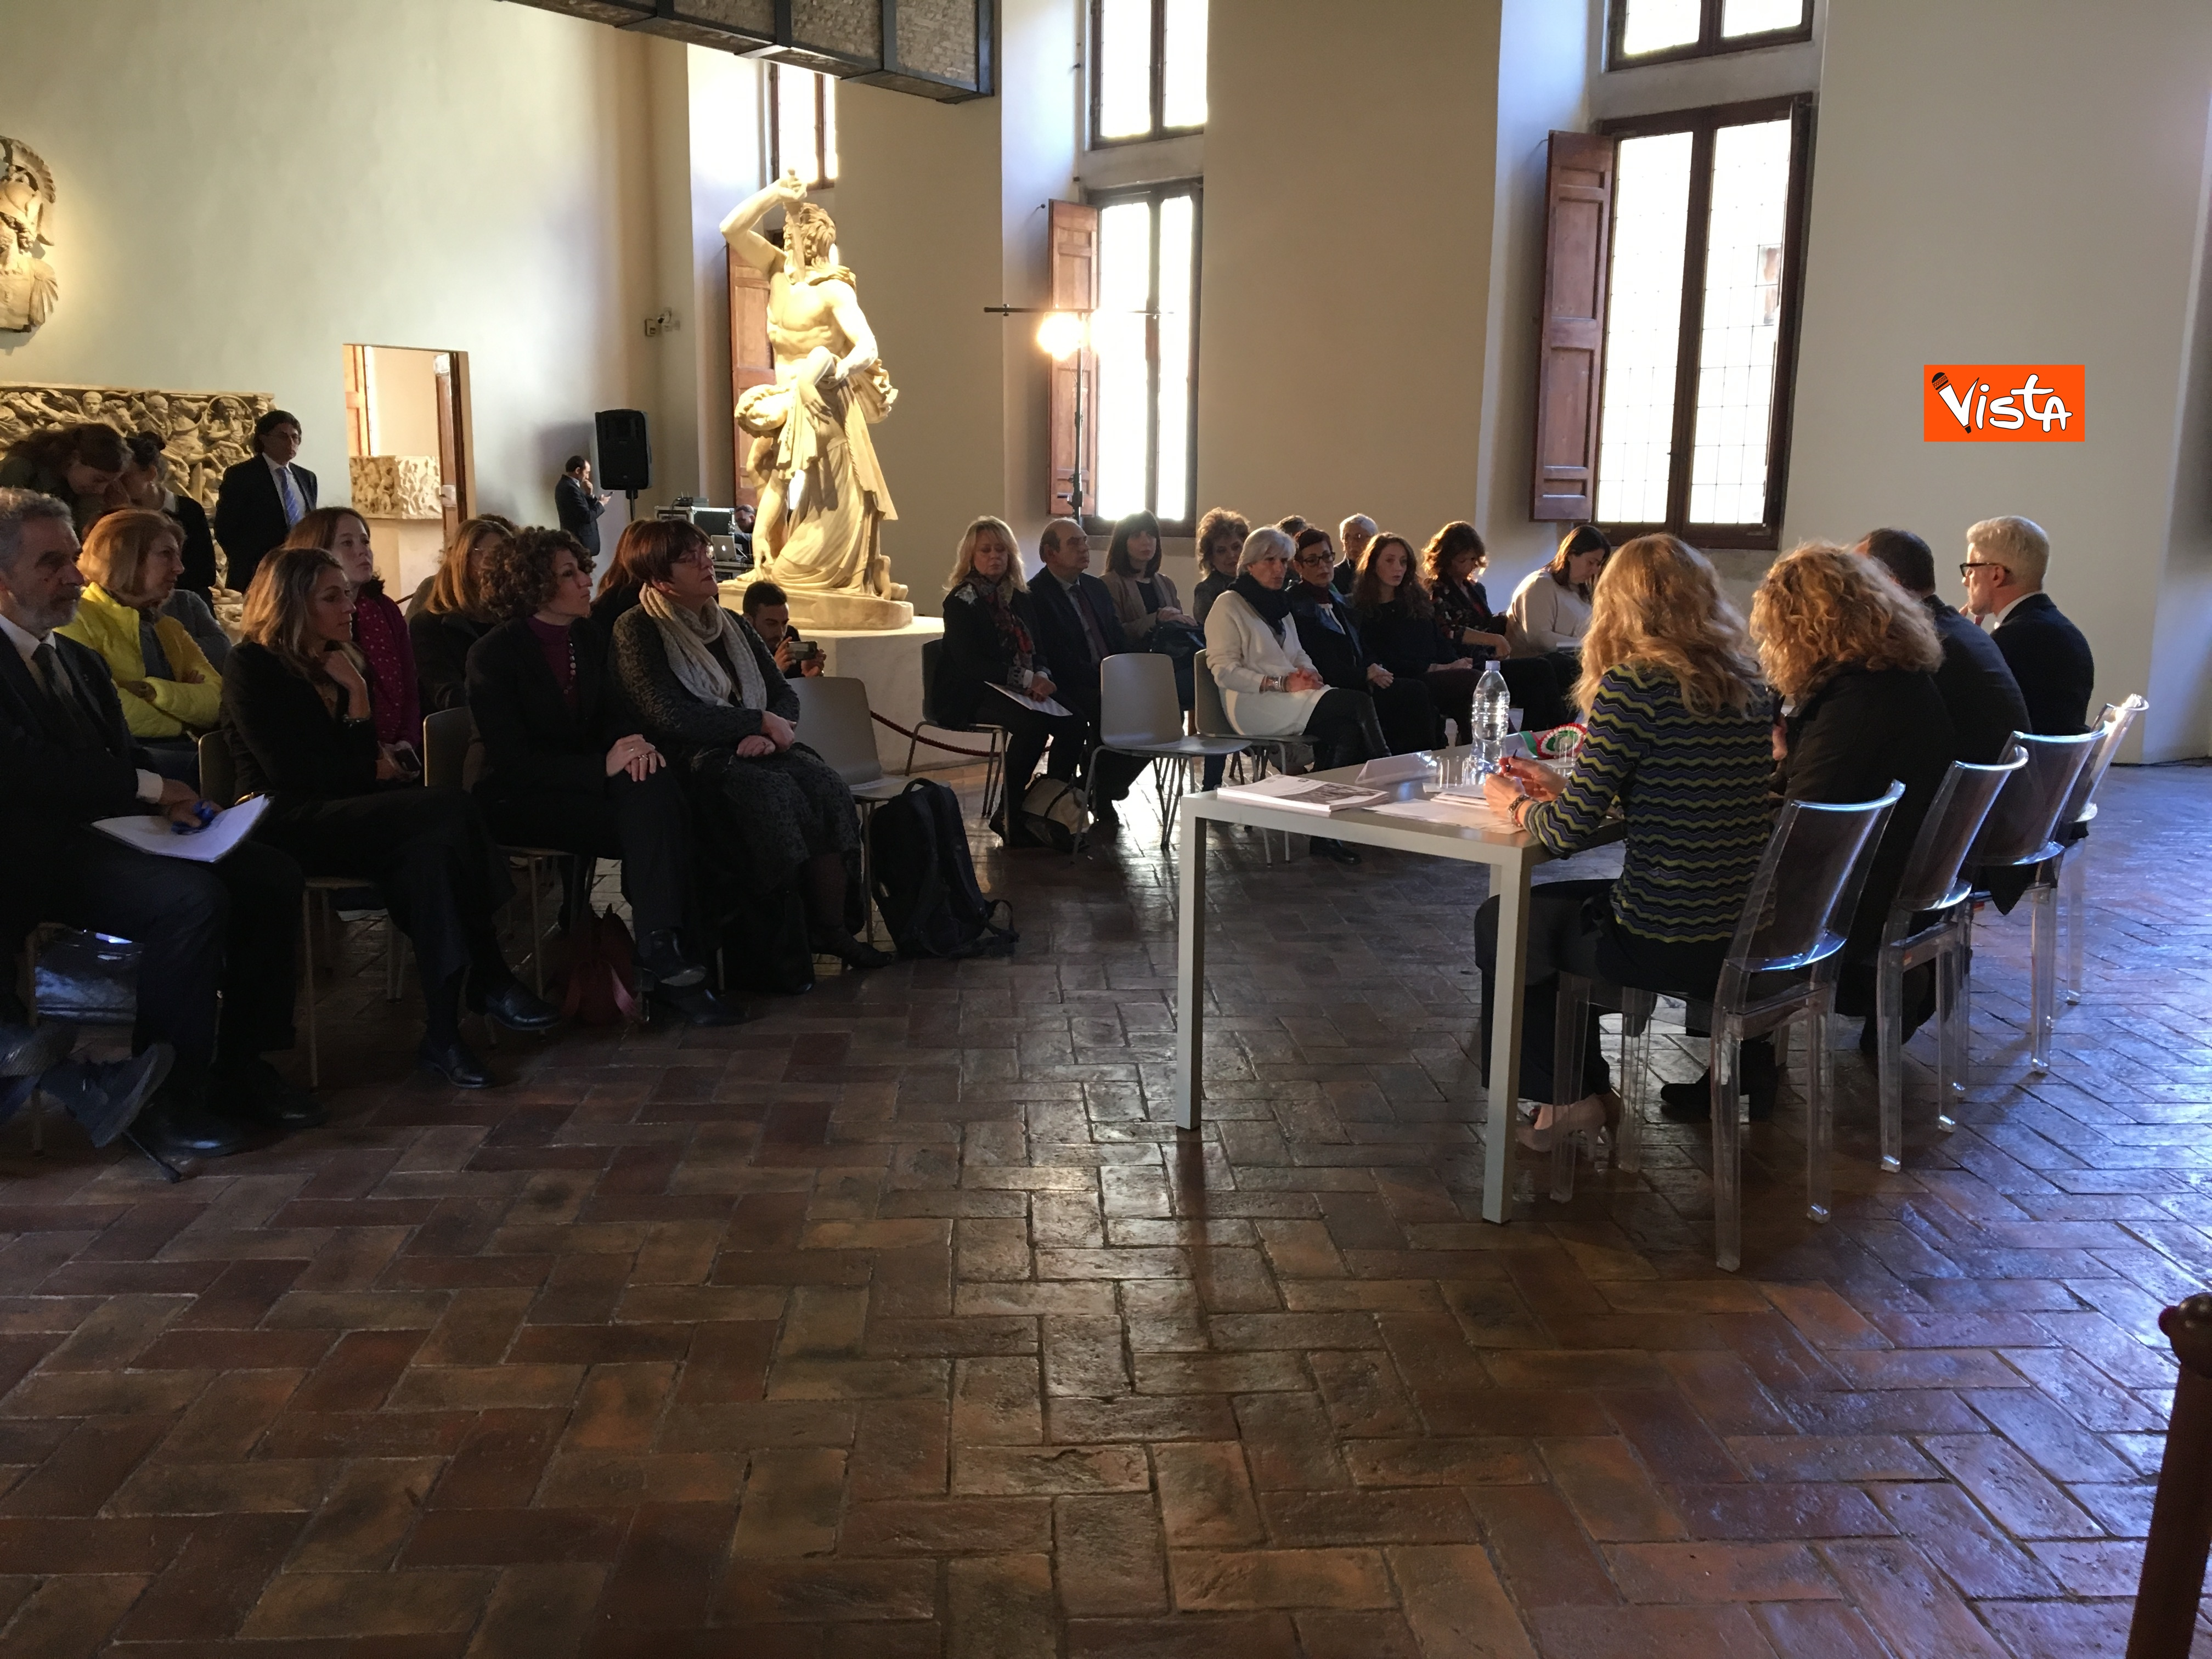 16-05-19 Museo per tutti la presentazione del progetto con Bonisoli a Palazzo Altemps_02